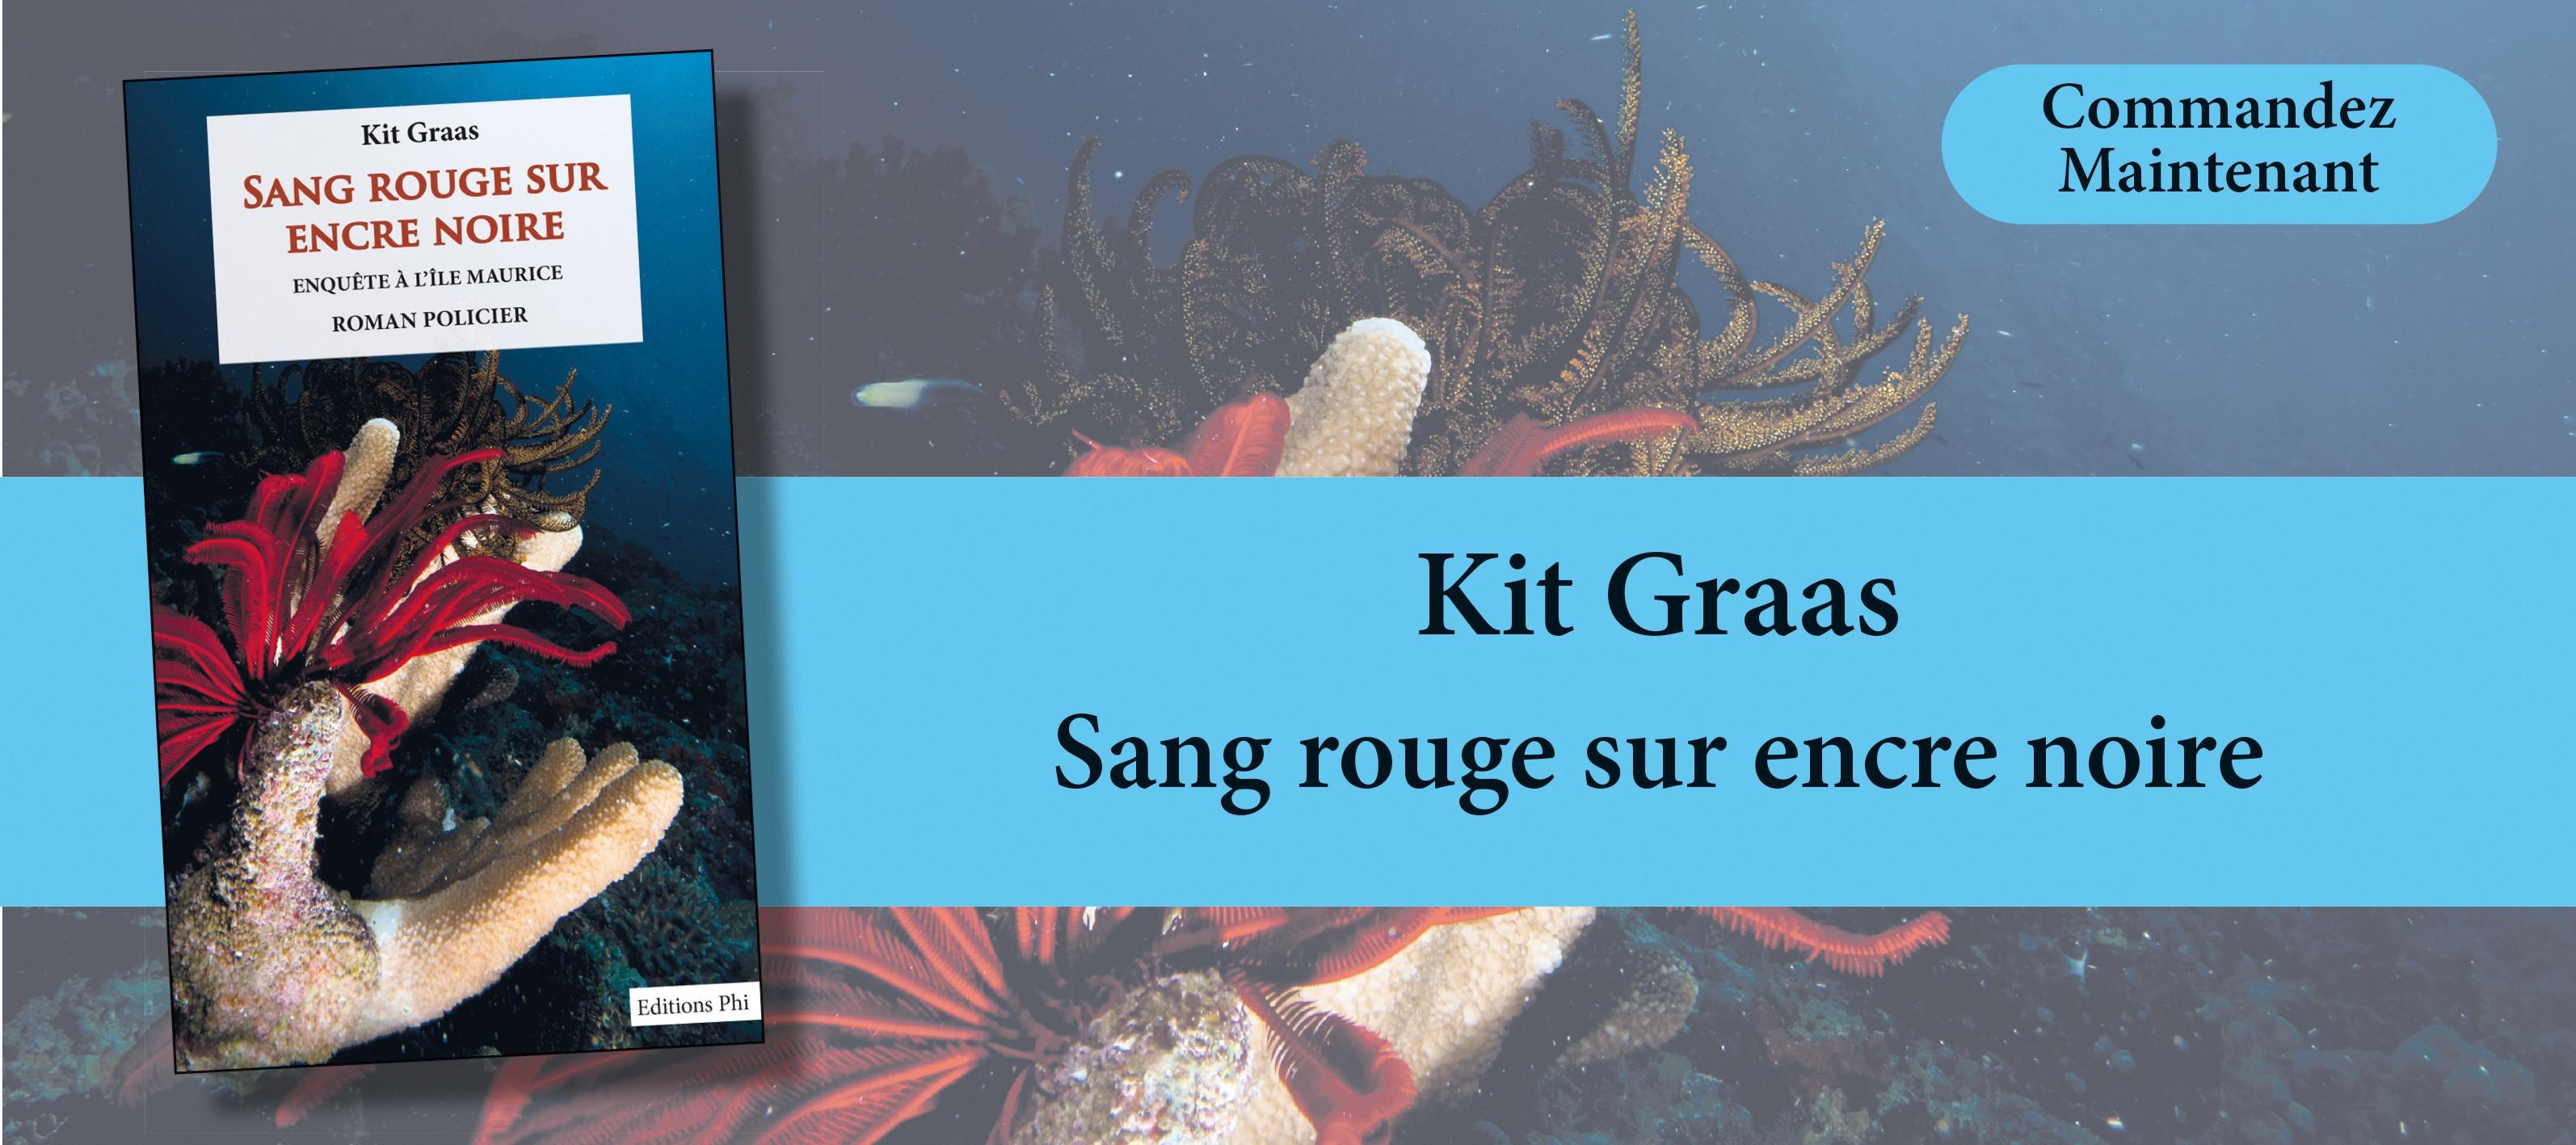 http://www.editionsphi.lu/fr/francais/488-kit-graas-sang-rouge-sur-encre-noire.html